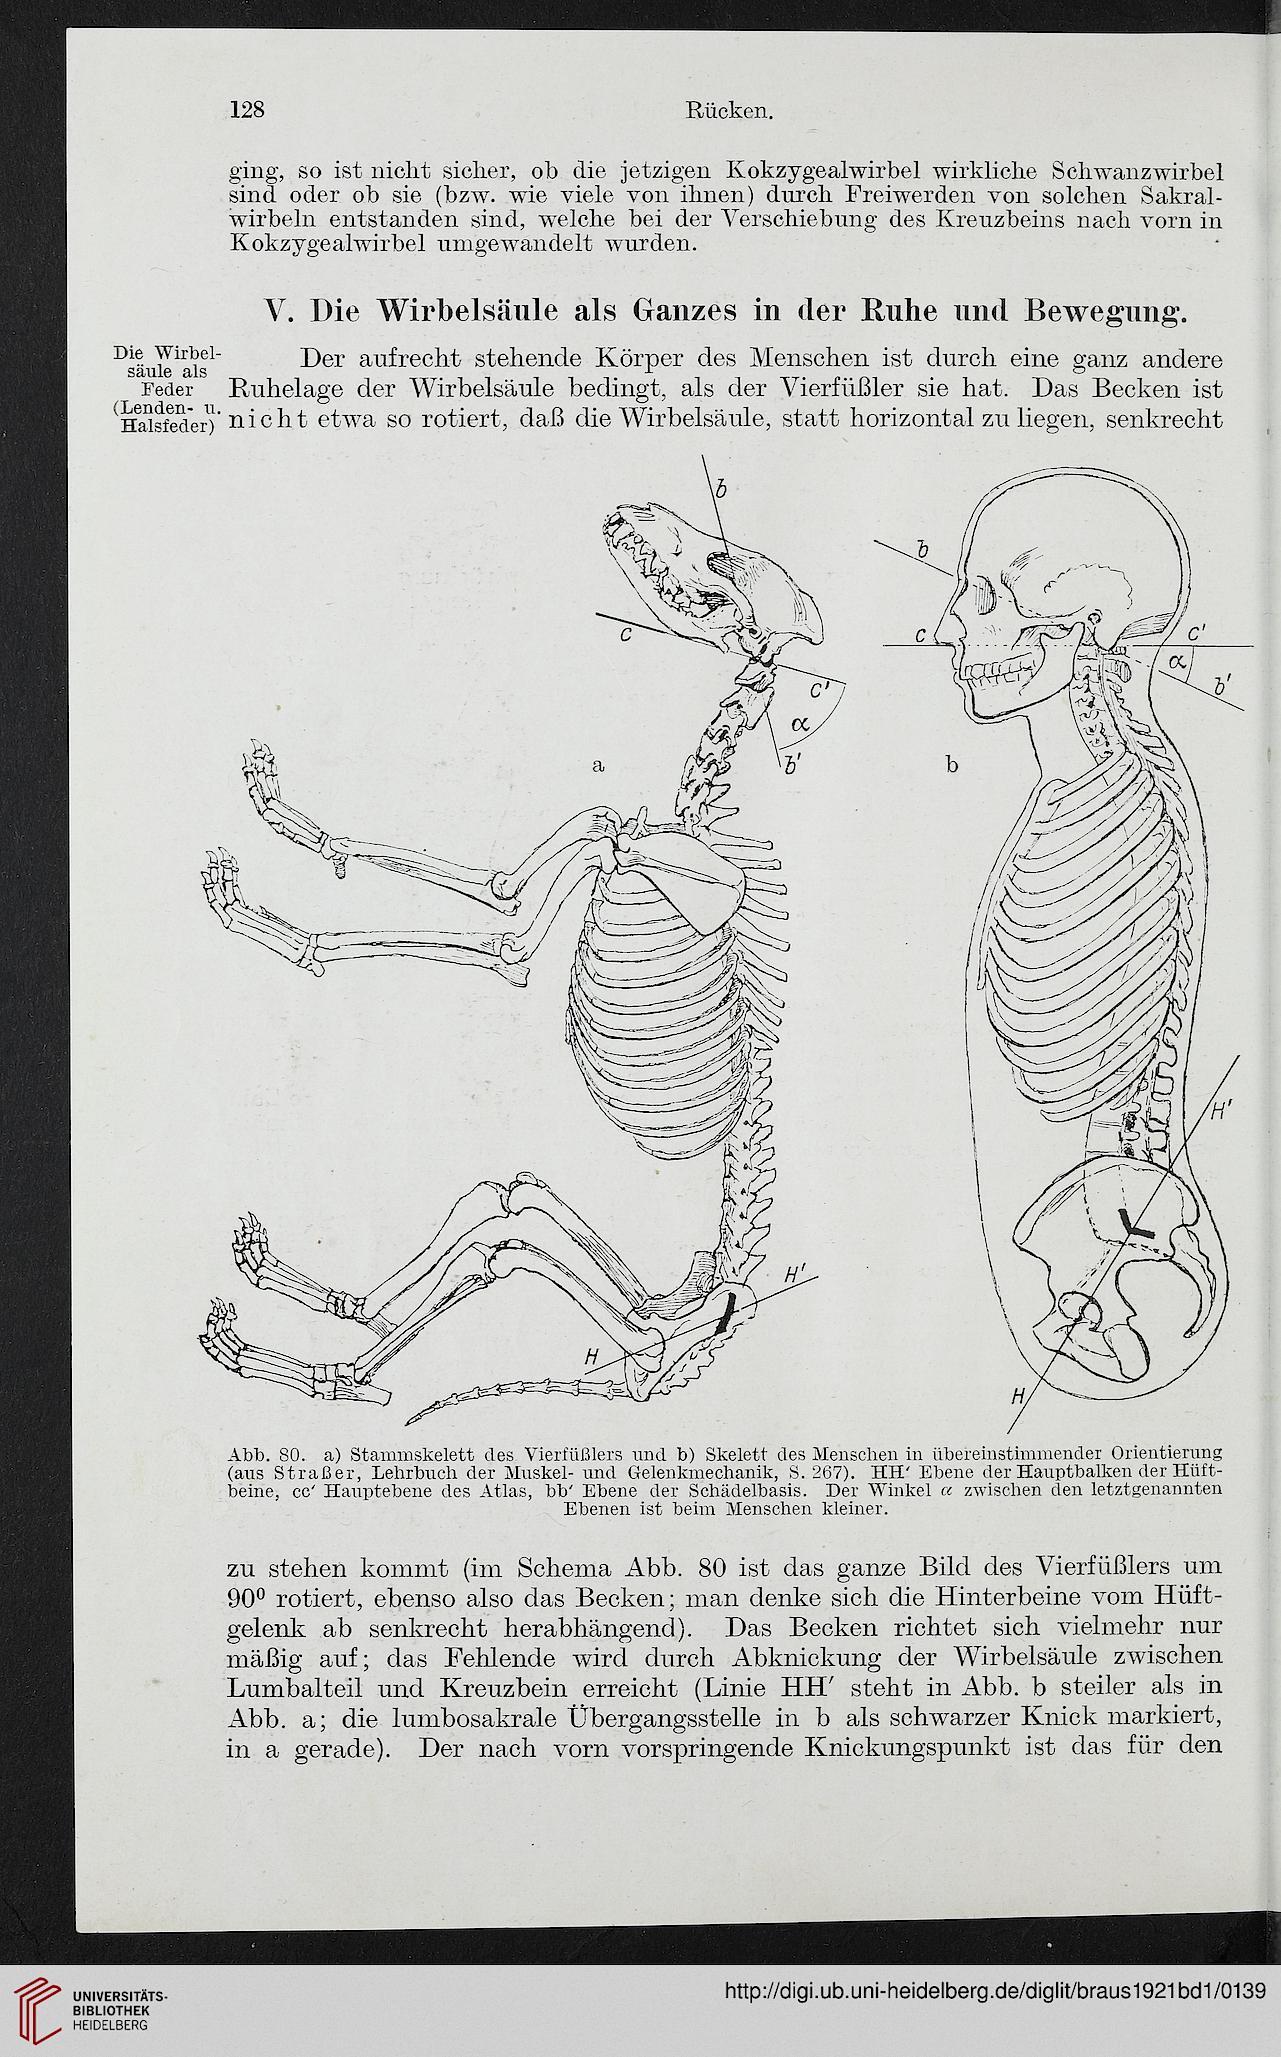 Gemütlich Lumbalen Sakrale Wirbelsäule Anatomie Galerie - Anatomie ...